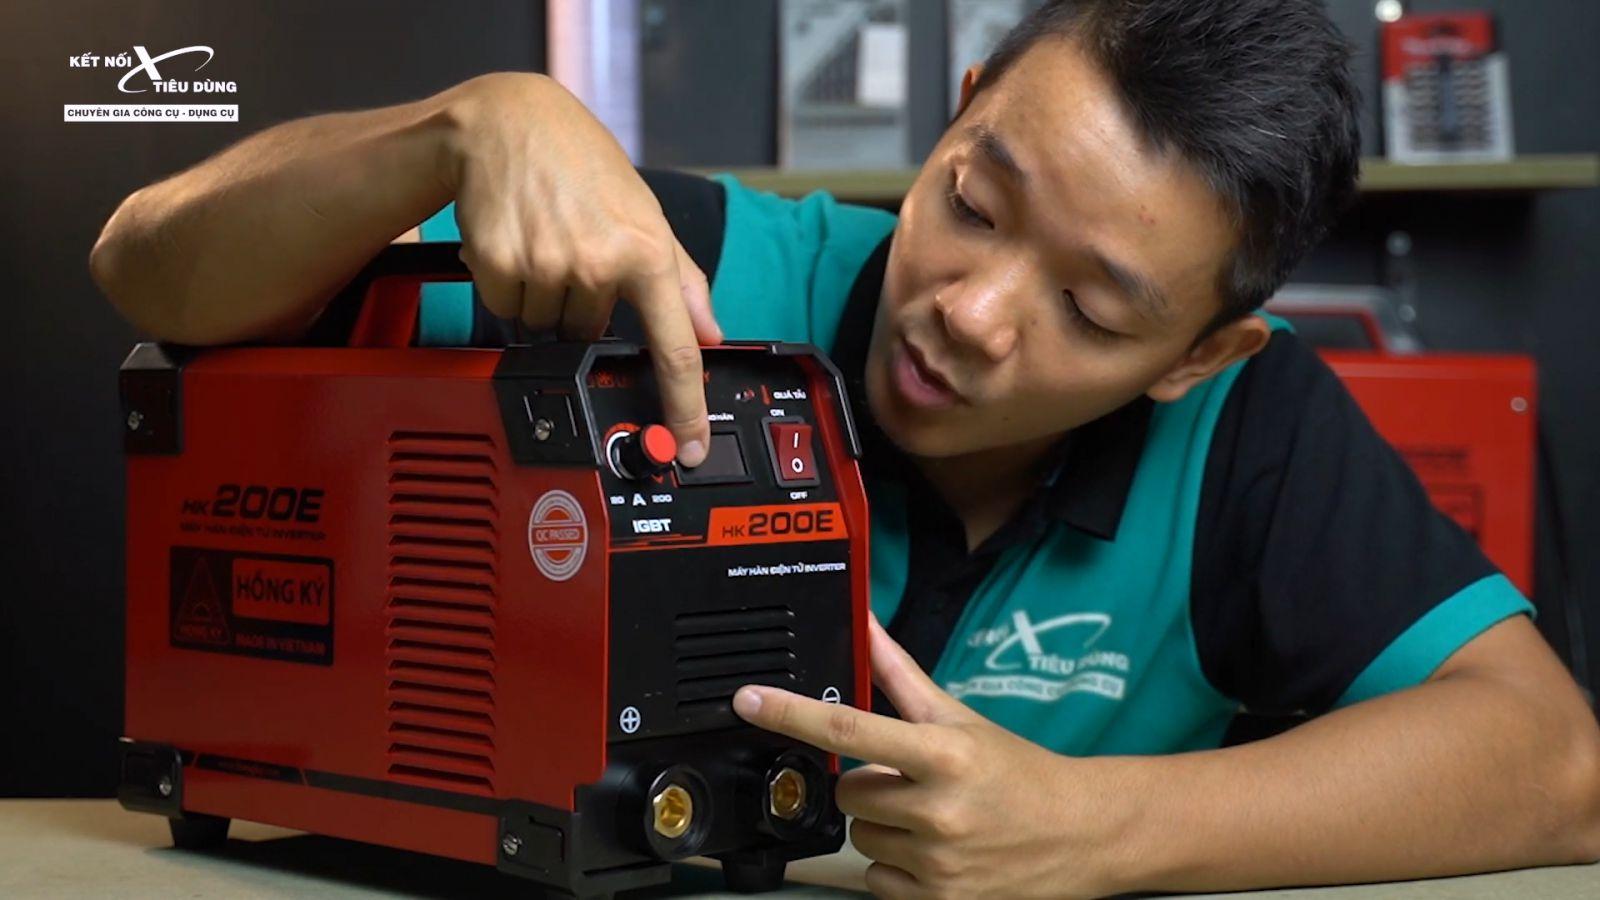 Tìm hiểu cấu tạo máy hàn que, cách đọc thông số kỹ thuật máy hàn - thông số kỹ thuật máy hàn que